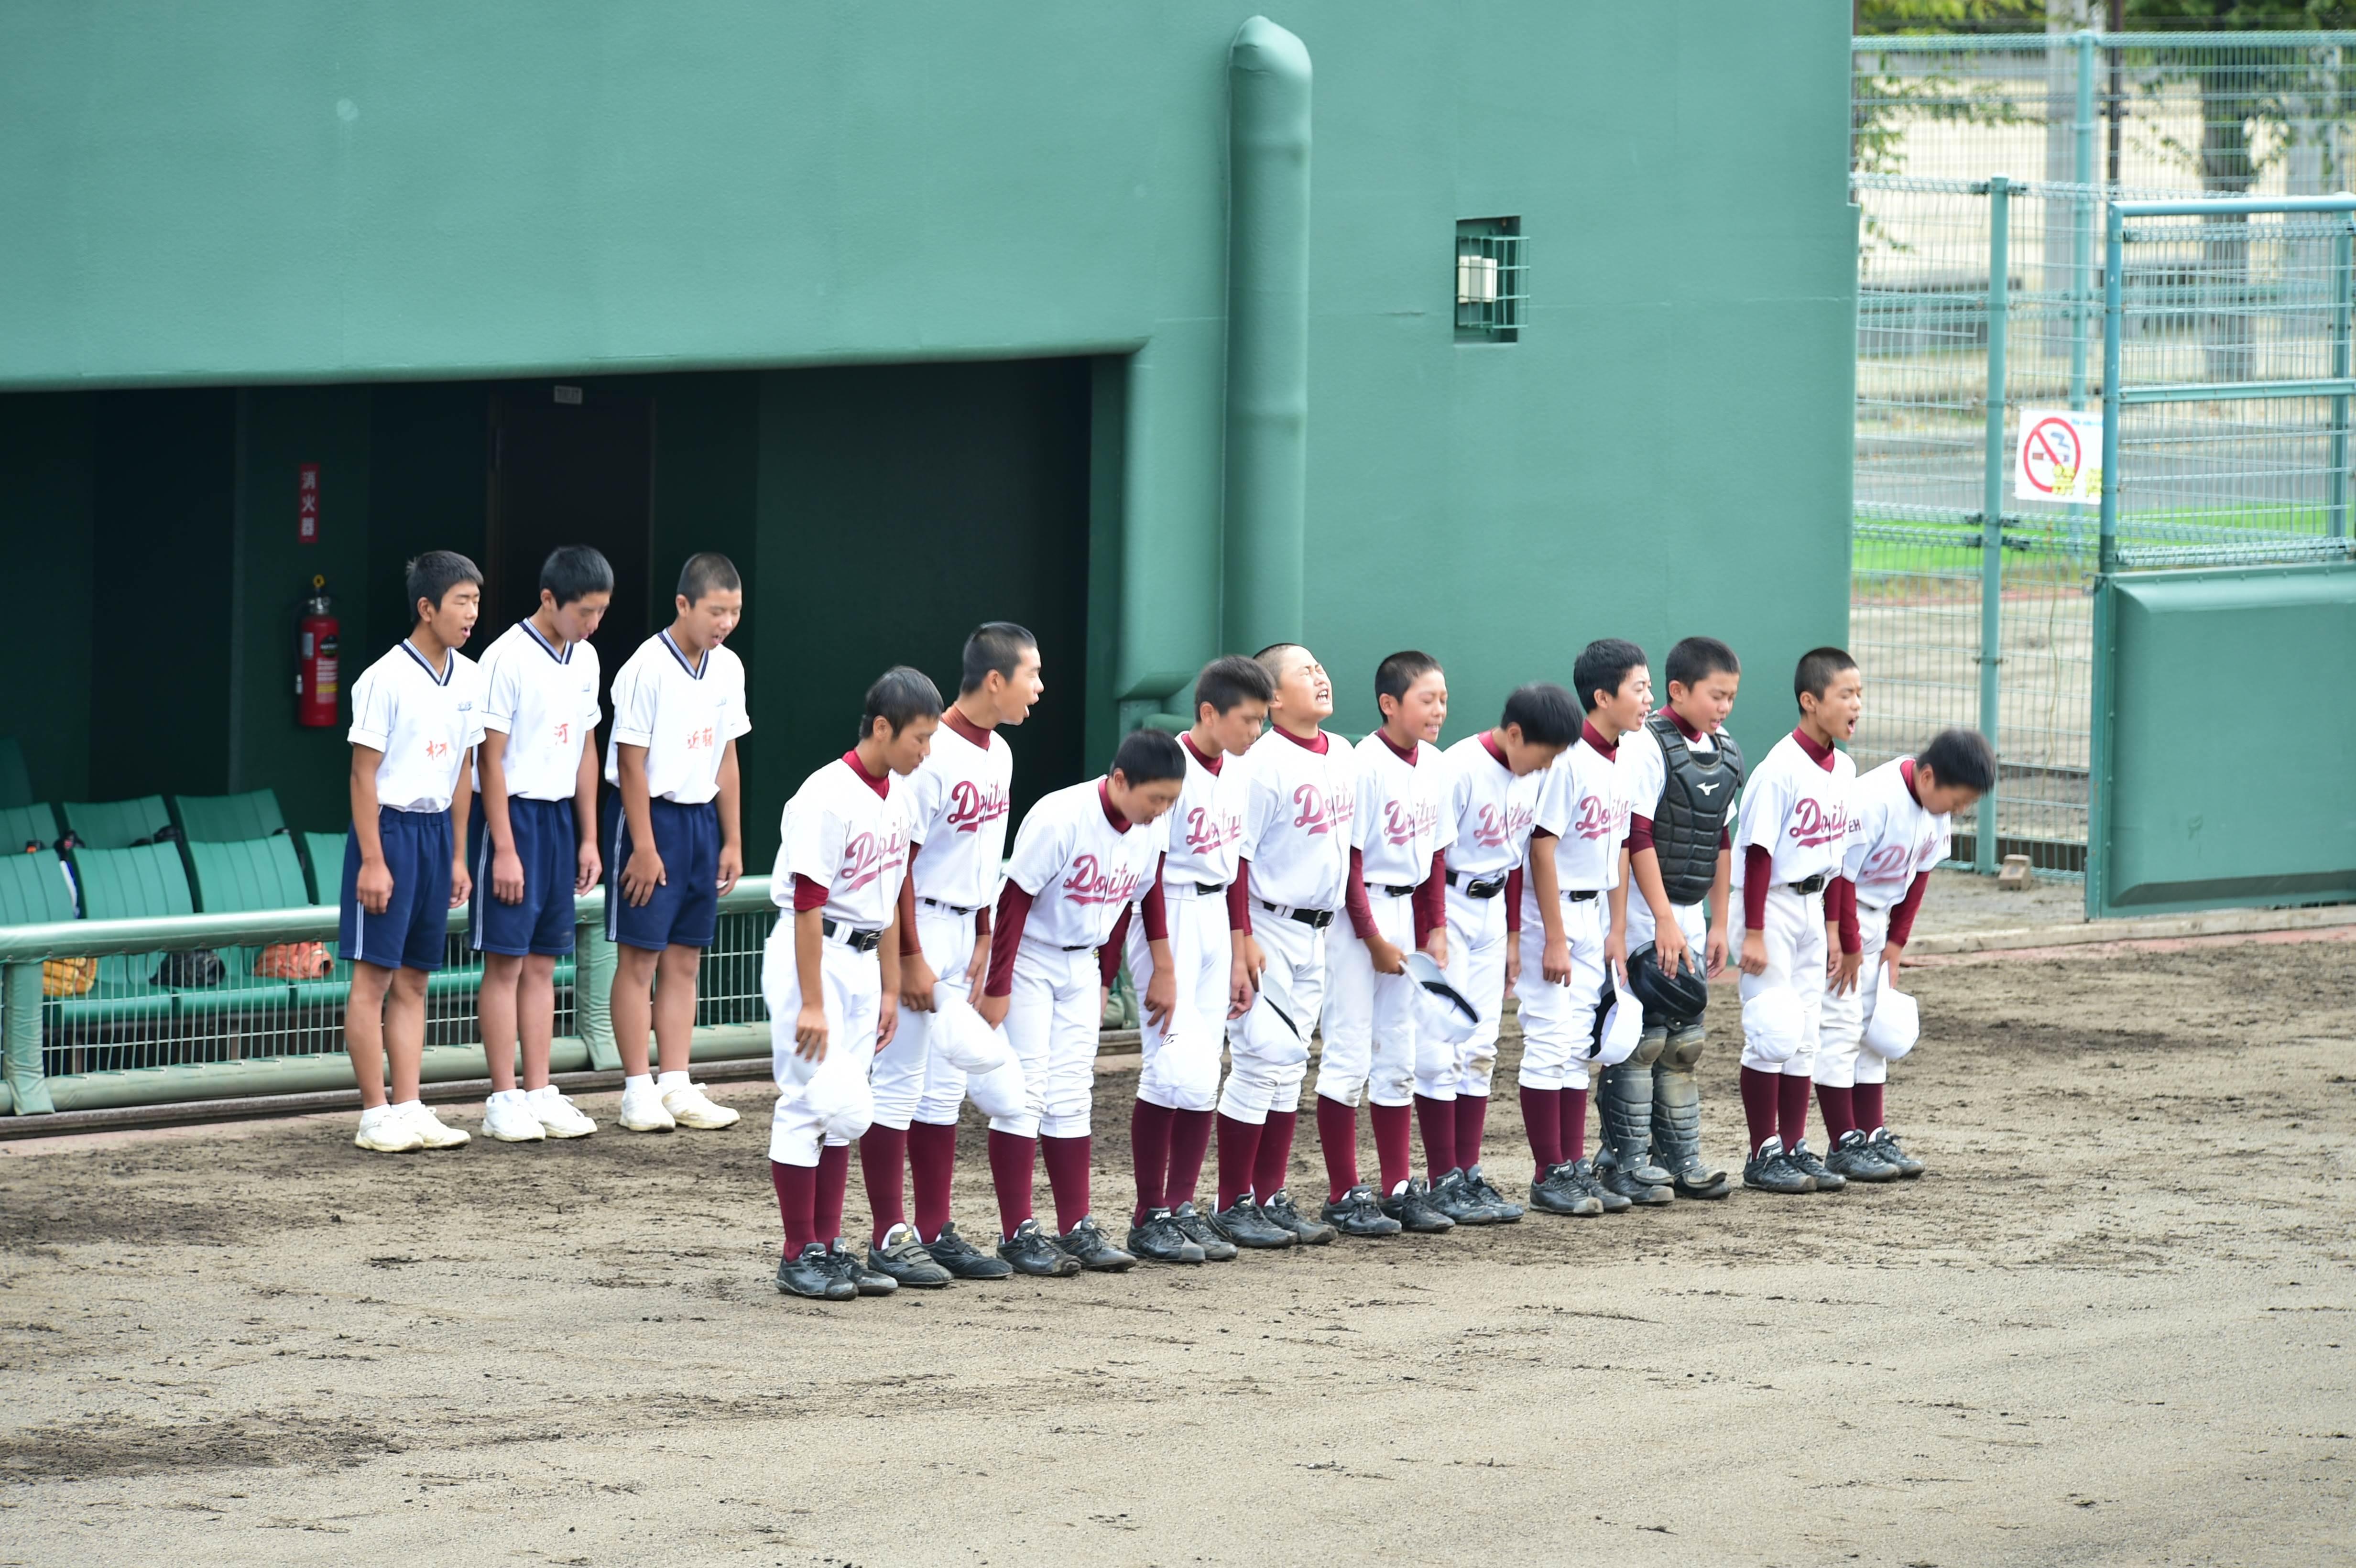 軟式野球 (9)